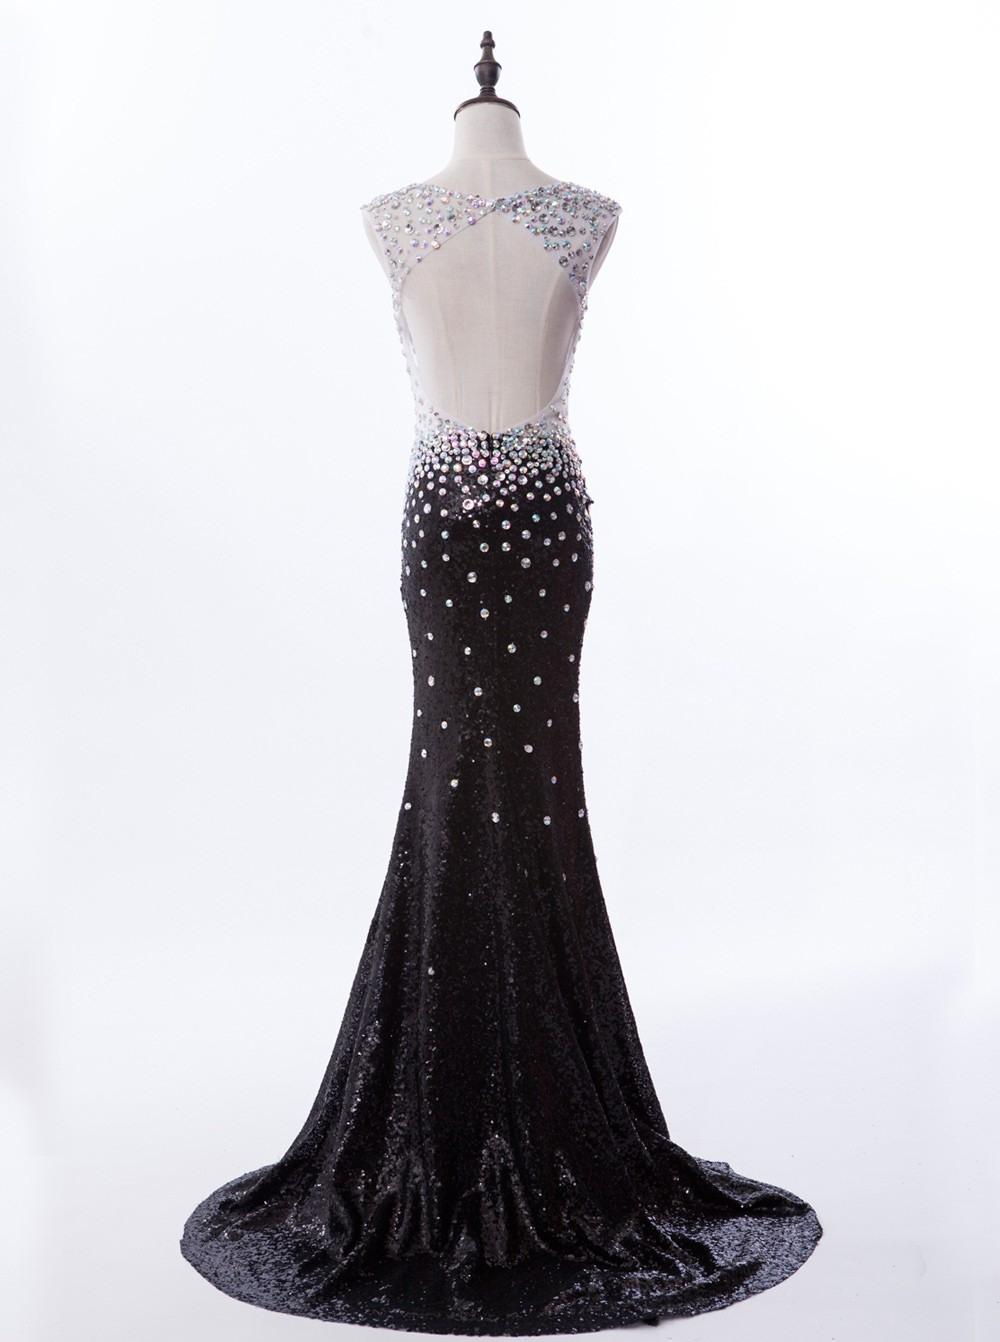 Ausgezeichnet Abendkleid Lang Schwarz Pailletten Spezialgebiet17 Genial Abendkleid Lang Schwarz Pailletten Boutique